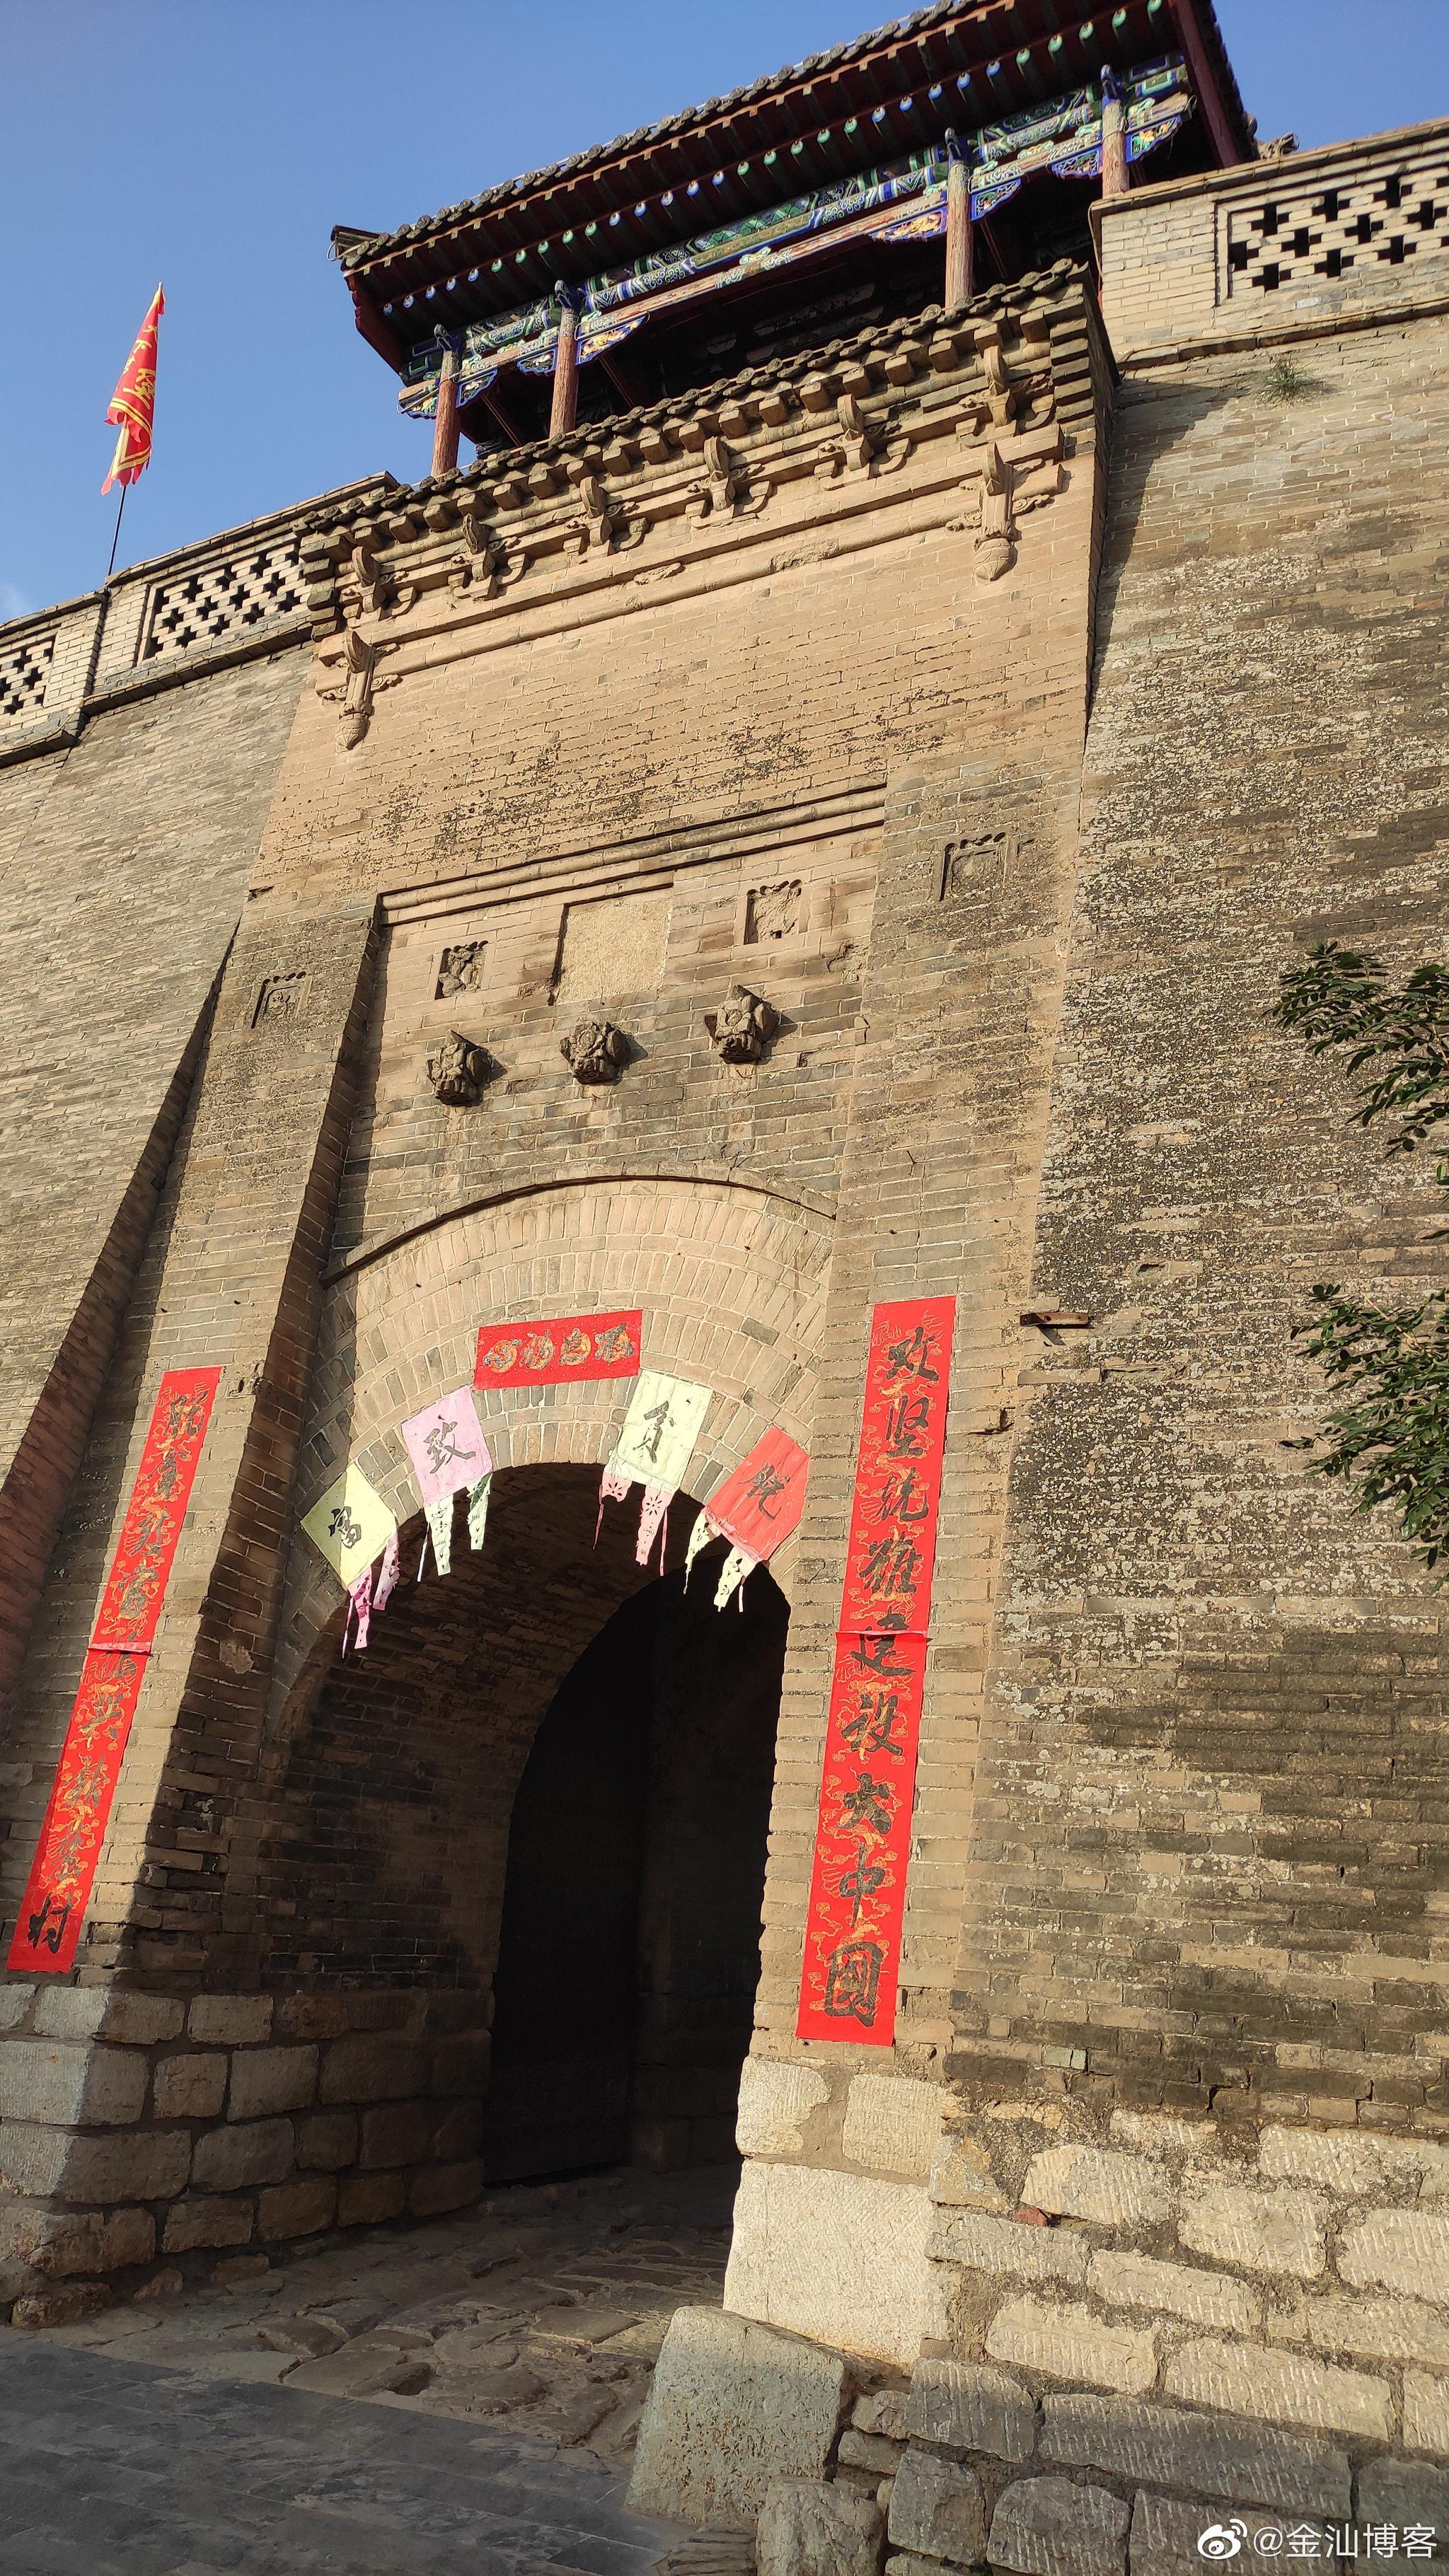 我昨晚住在豫州古城 一大早就走进了古城的民居